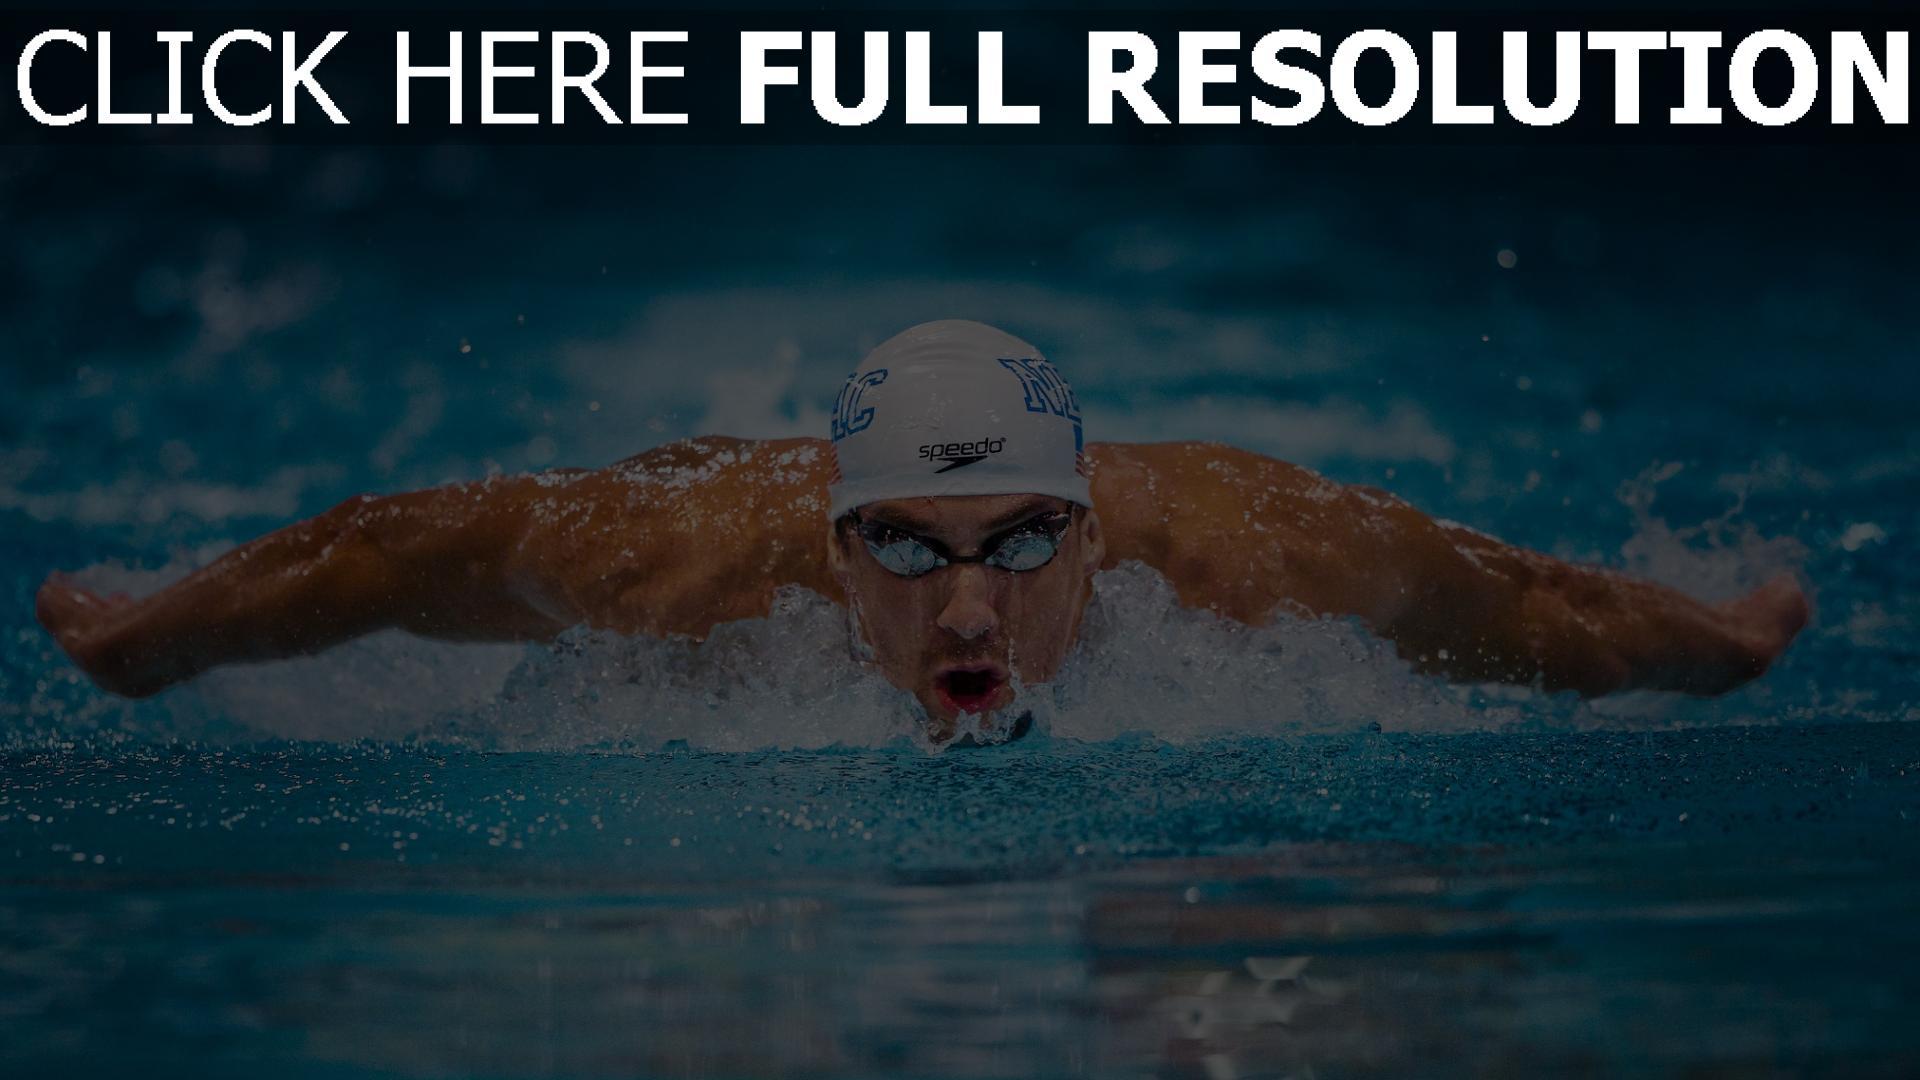 Herunterladen hd hintergrundbilder michael phelps schwimmer schwimmen ...